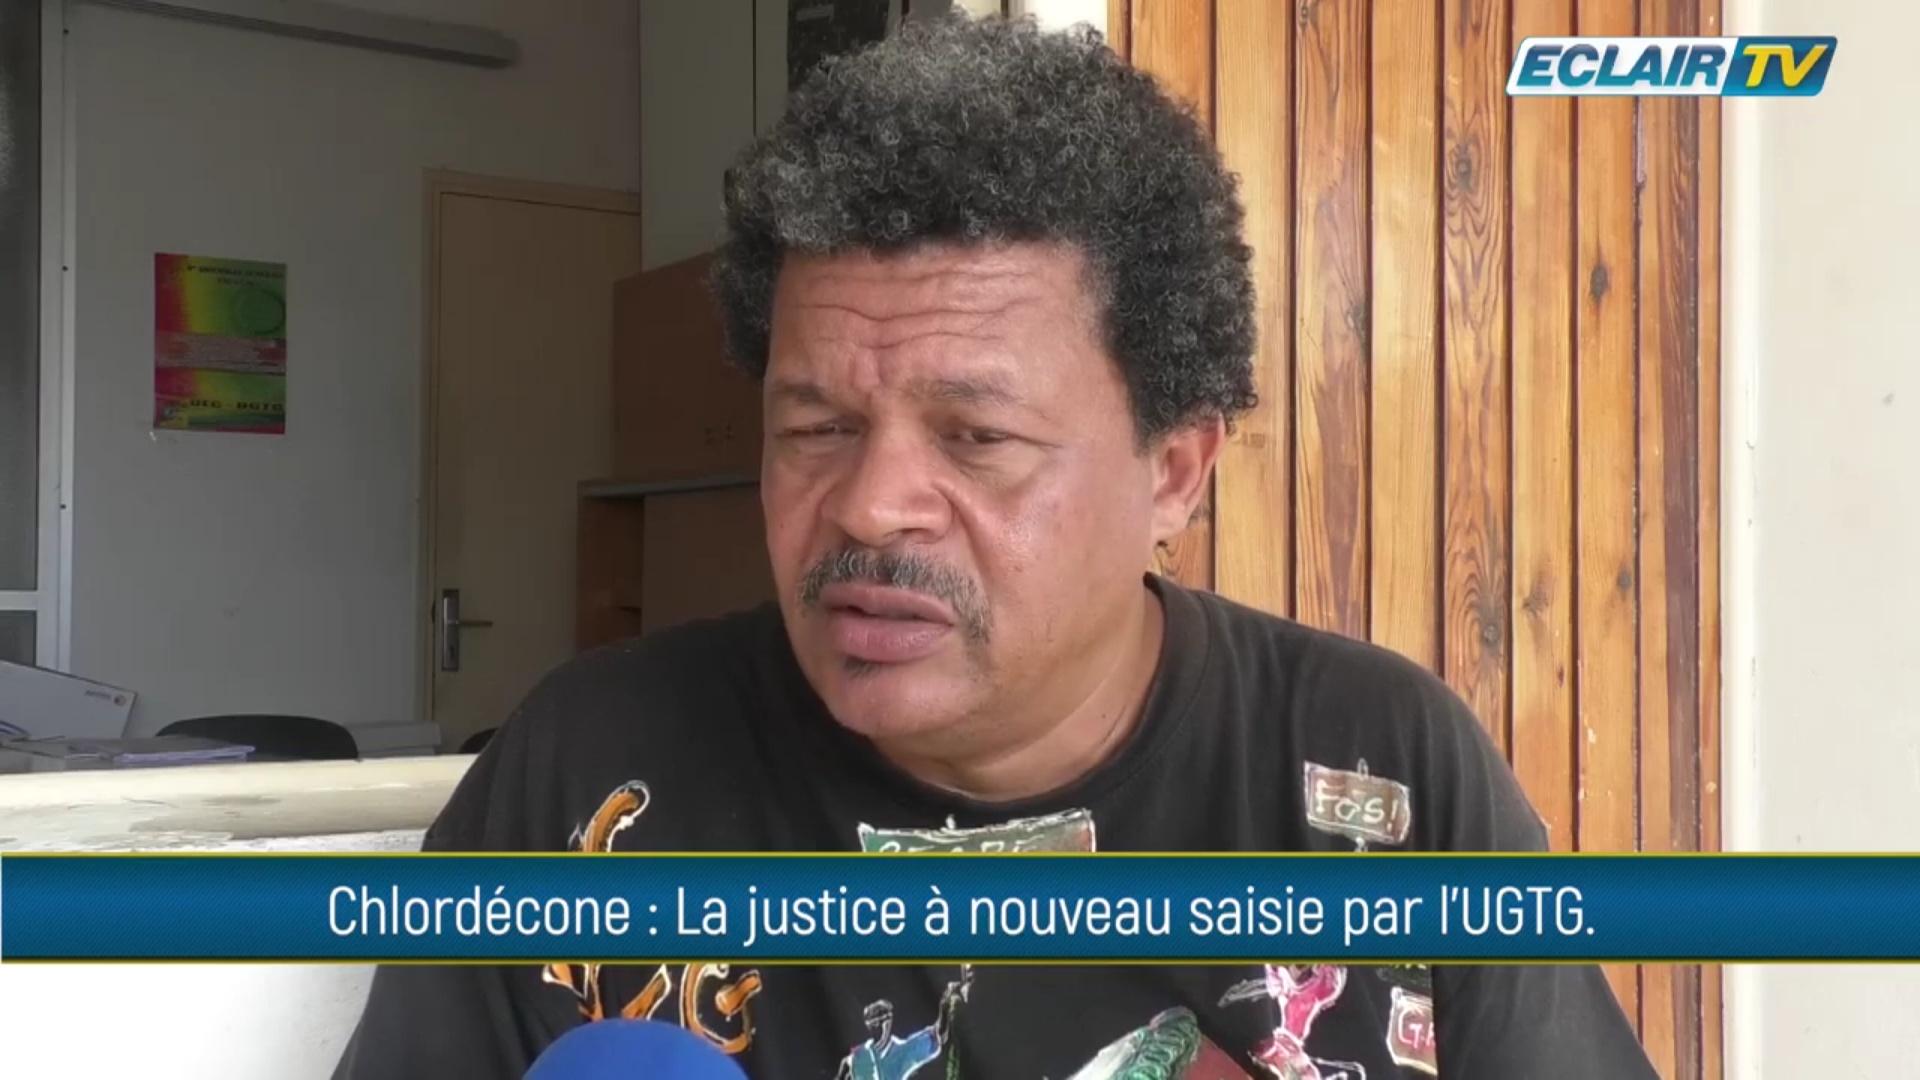 [Vidéo] Onews Guadeloupe. Chloredécone. La justice à nouveau saisie par l UGTG (Eclair tv)